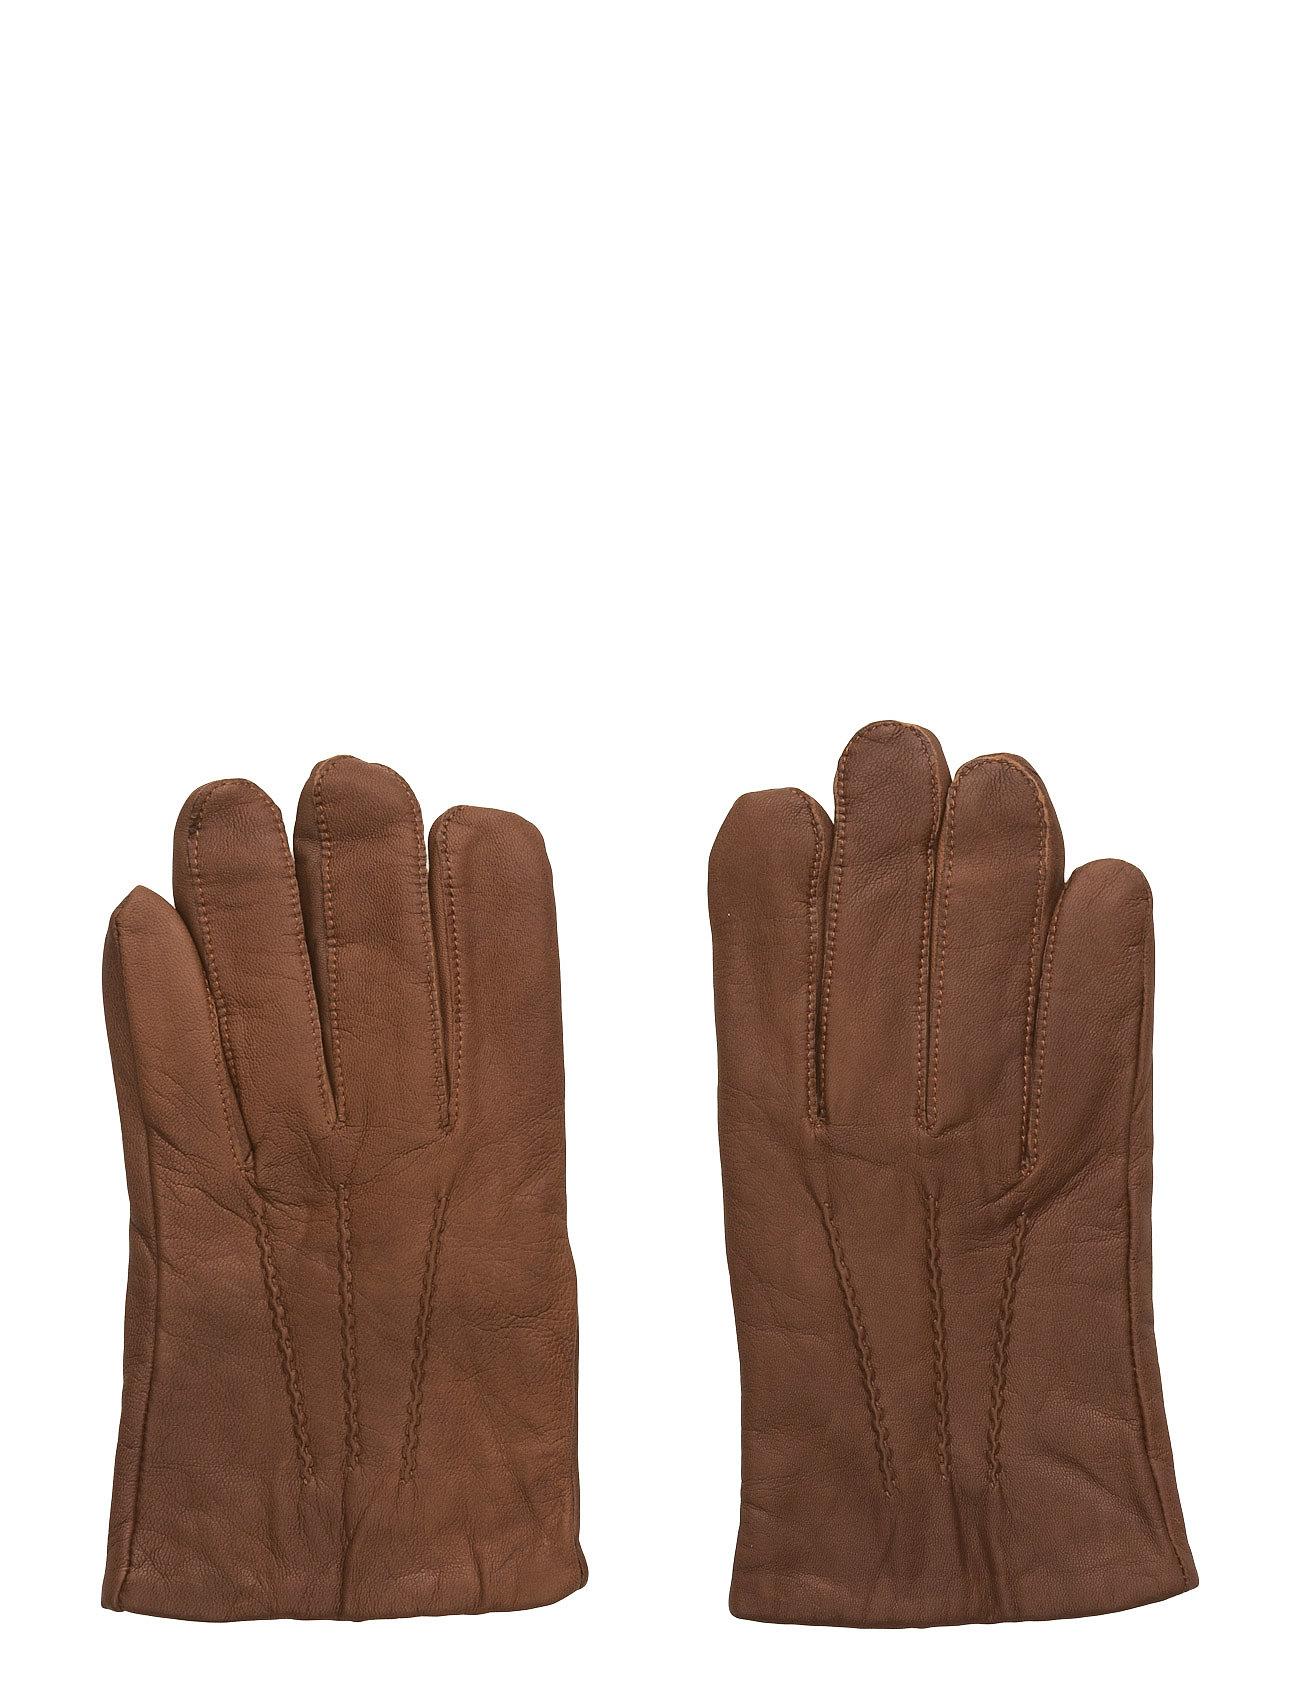 R. Nappa Glove GANT Rugger Handsker til Mænd i